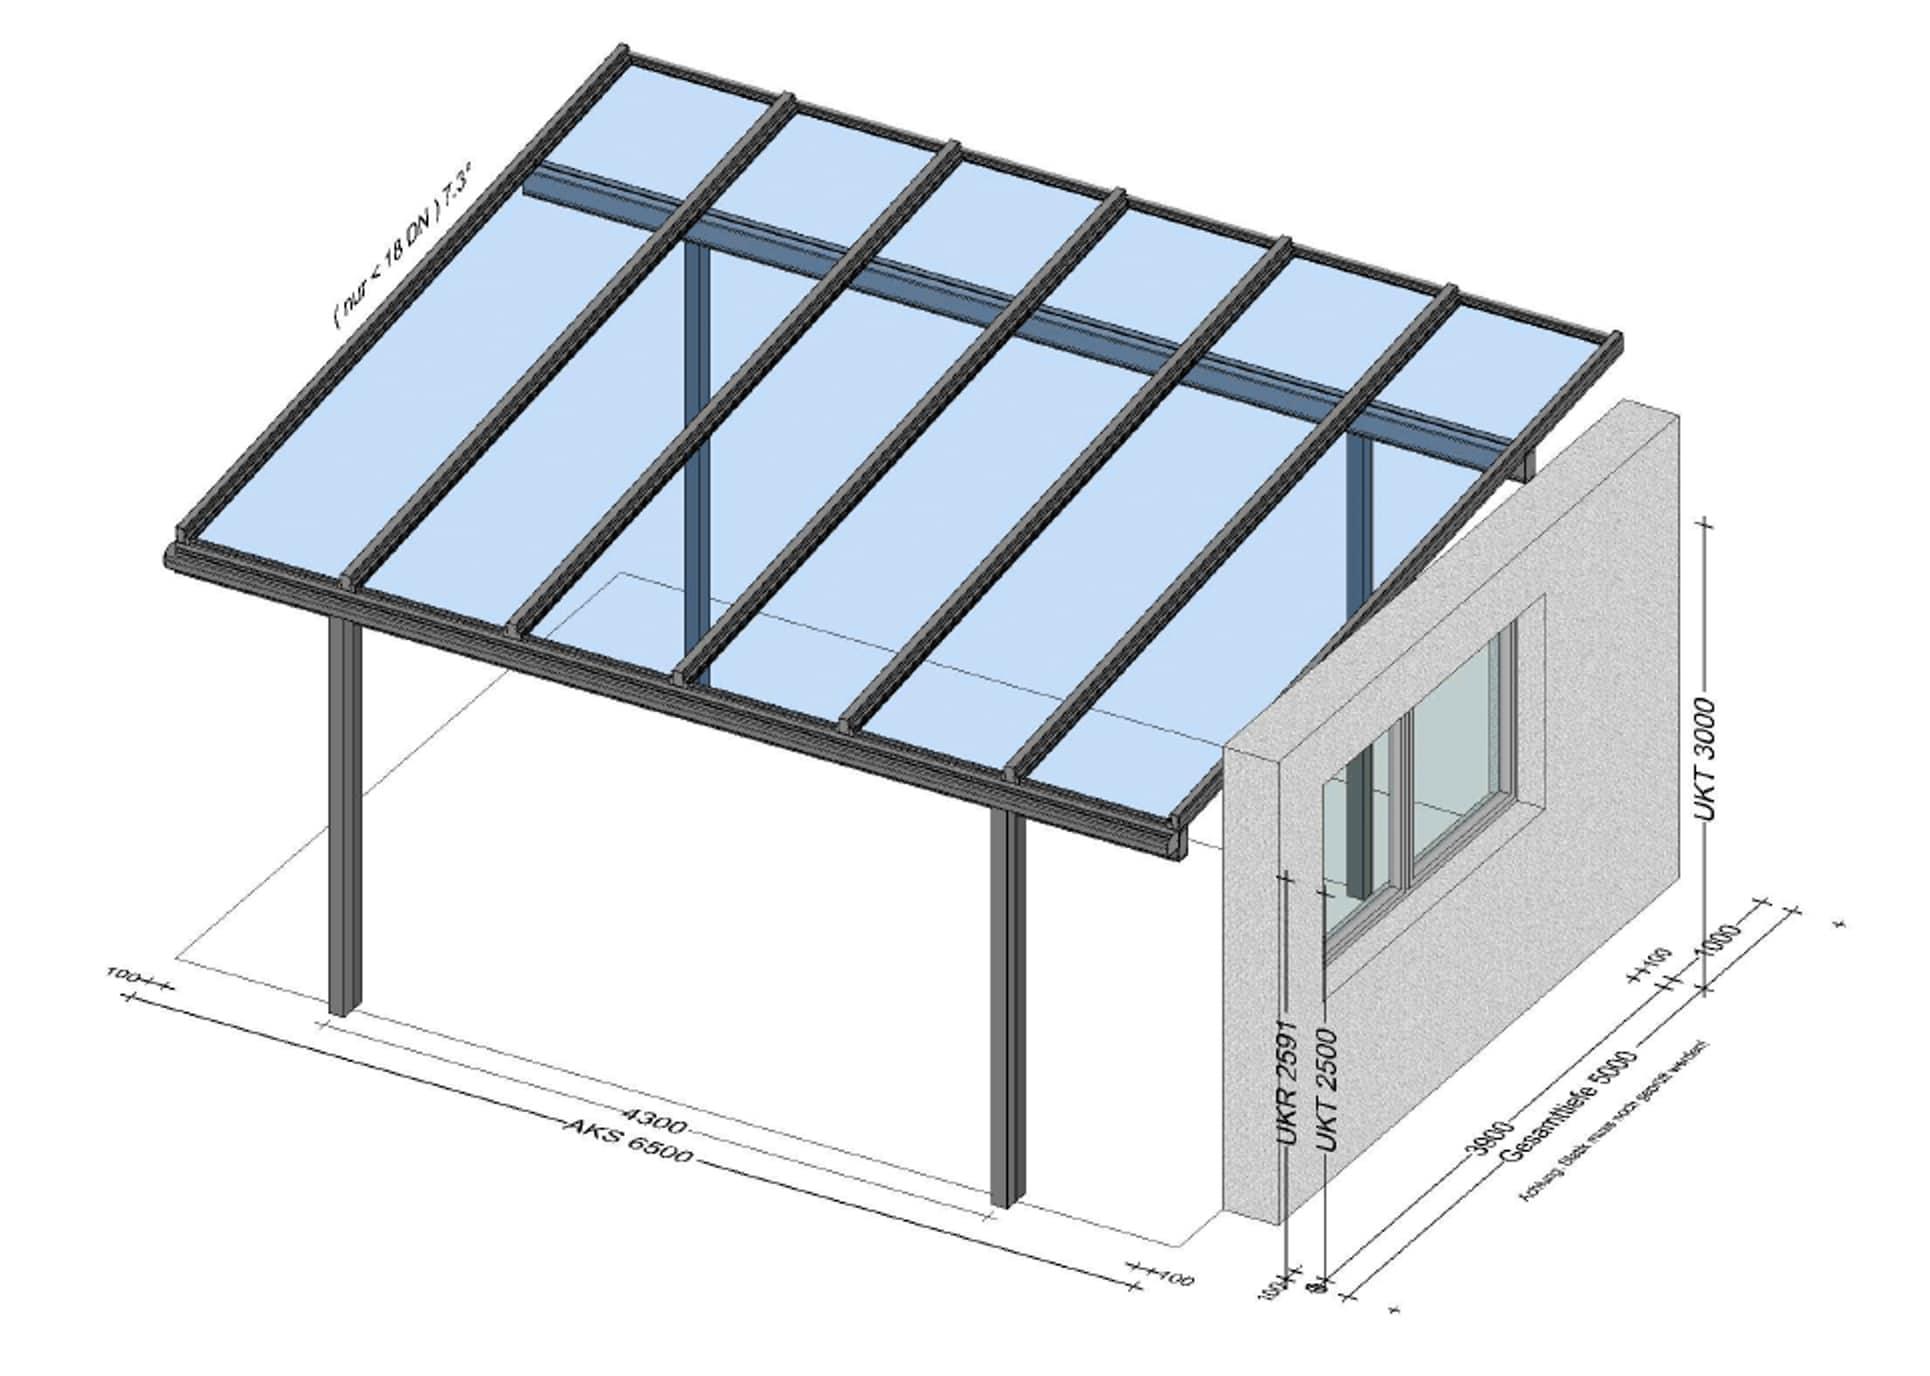 Terrassenüberdachung freistehend - individuell nach Maß